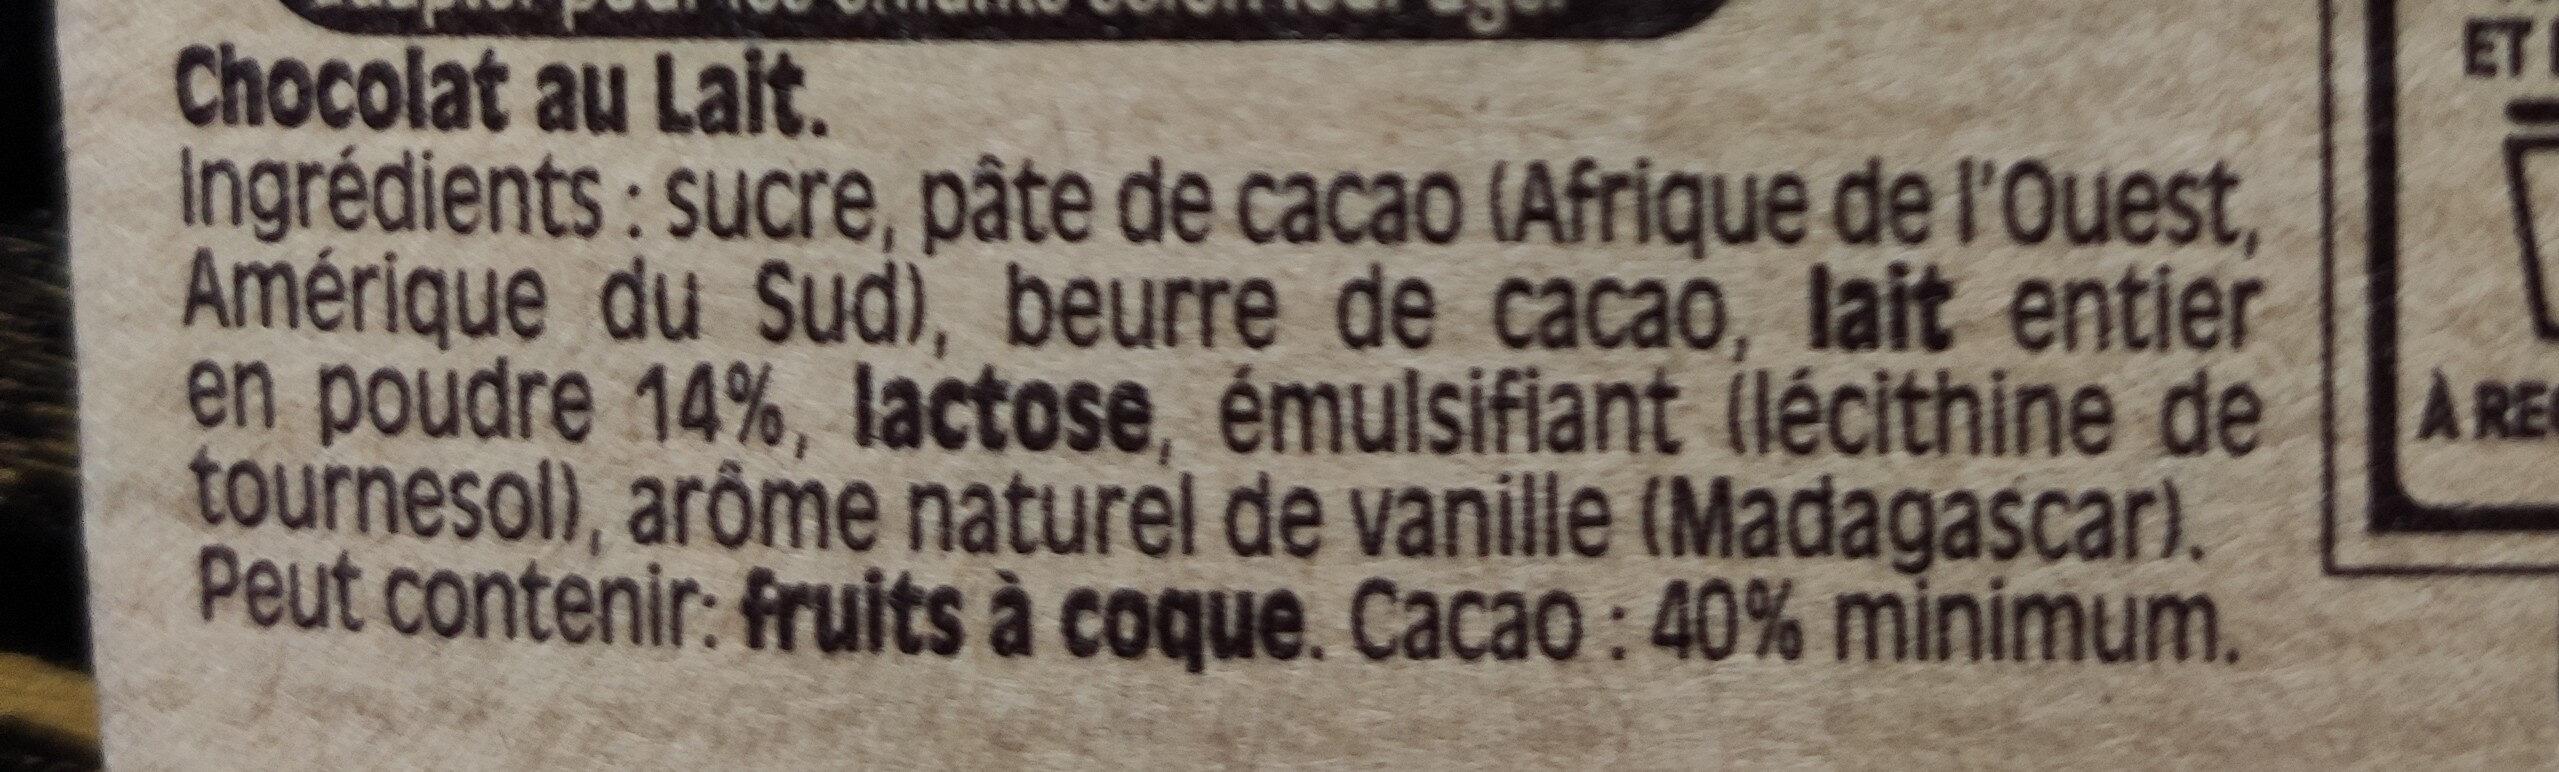 NESTLE DESSERT Chocolat au Lait - Ingrédients - fr